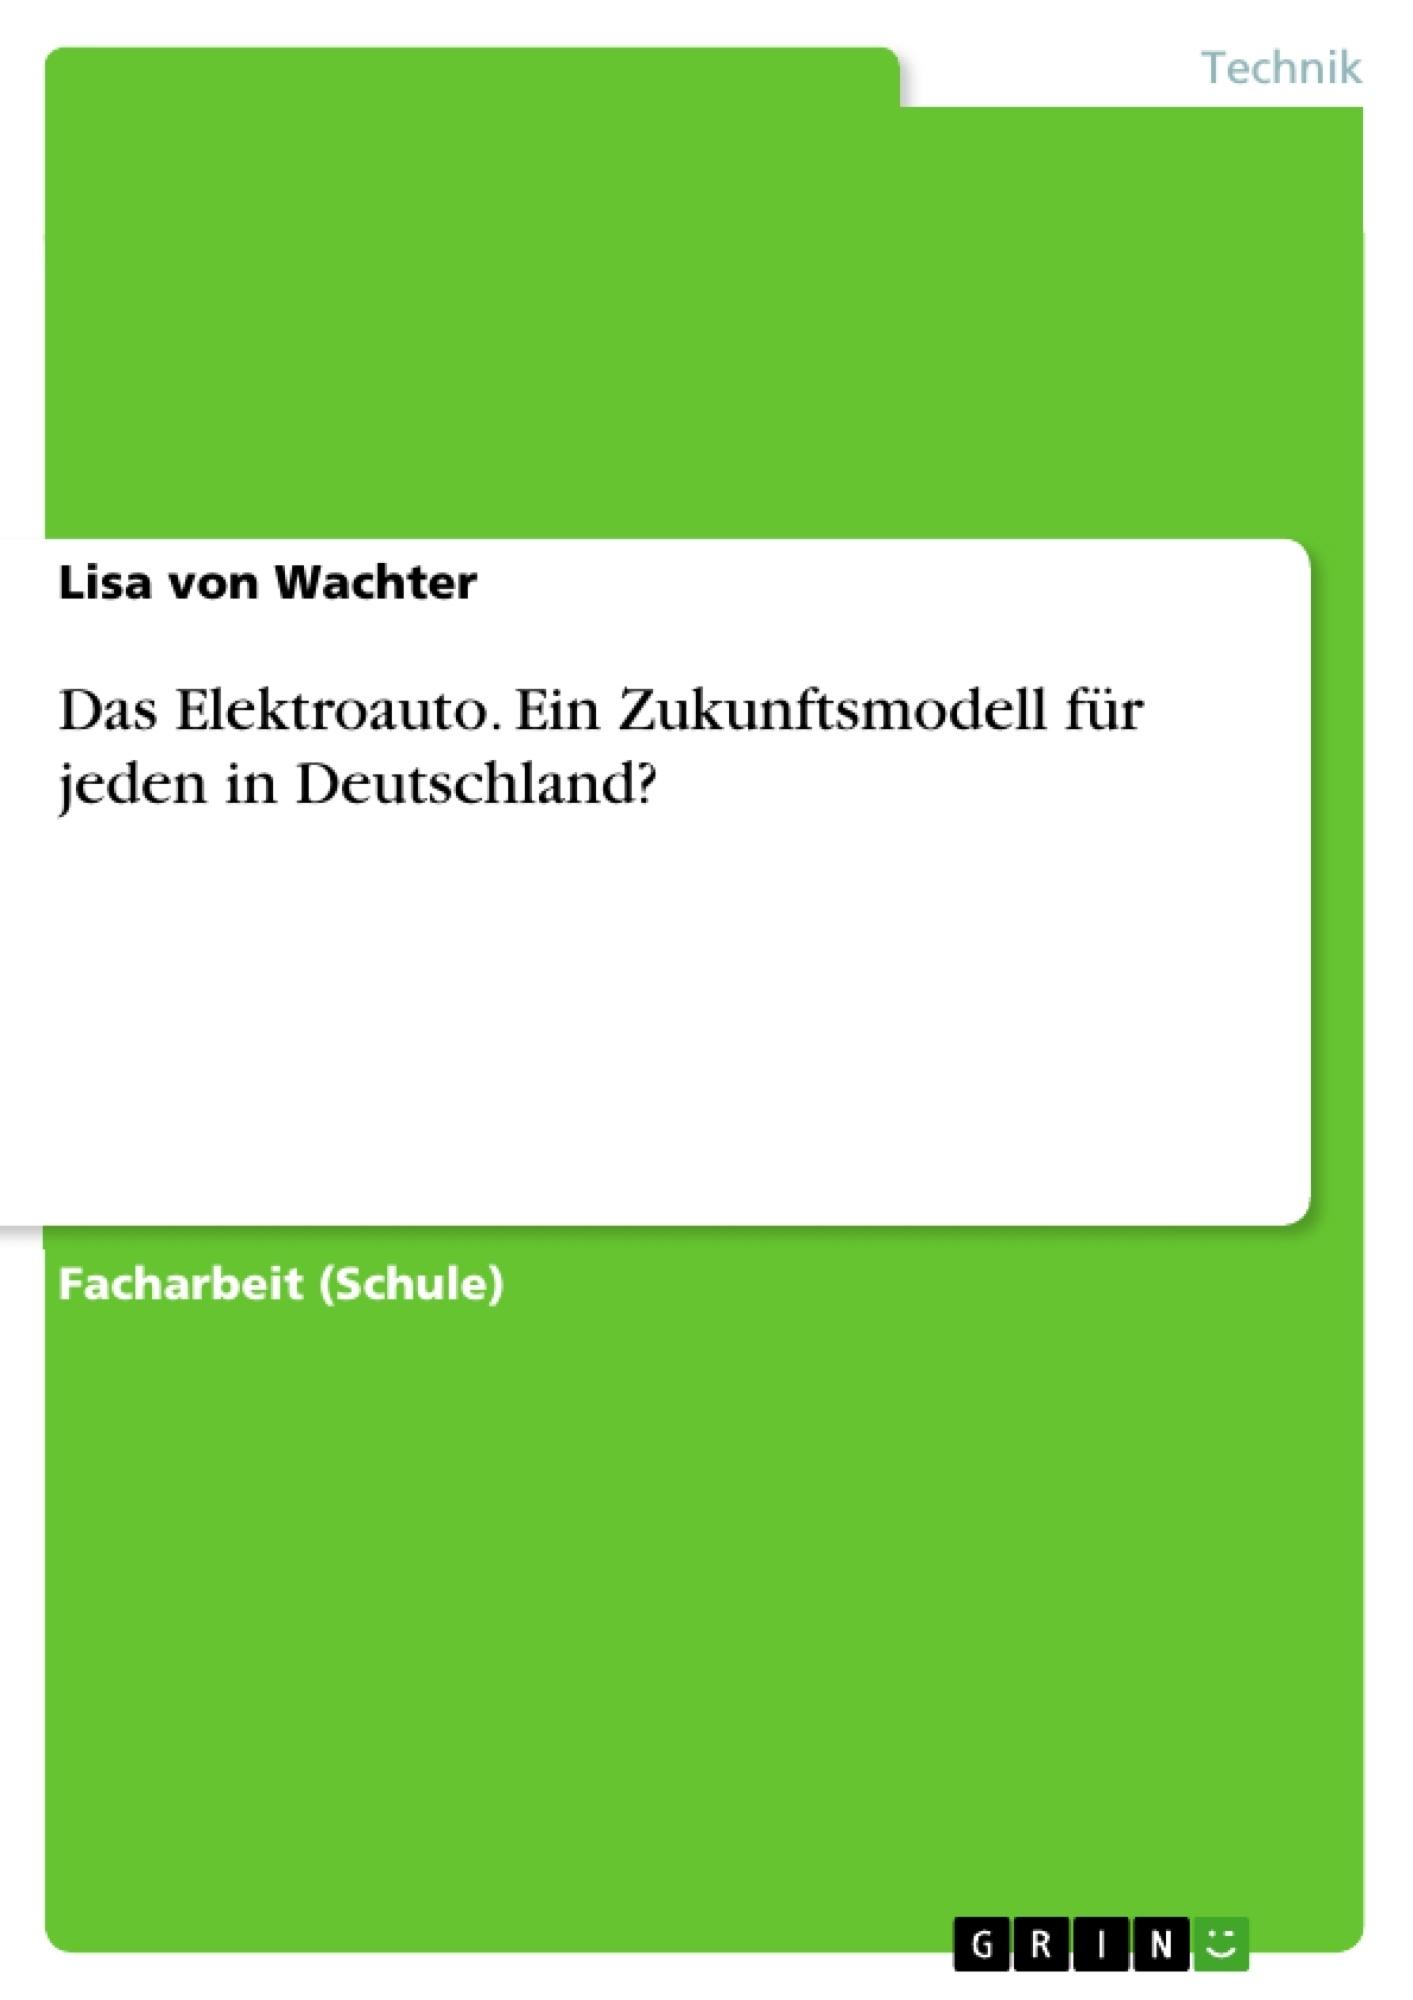 Titel: Das Elektroauto. Ein Zukunftsmodell für jeden in Deutschland?